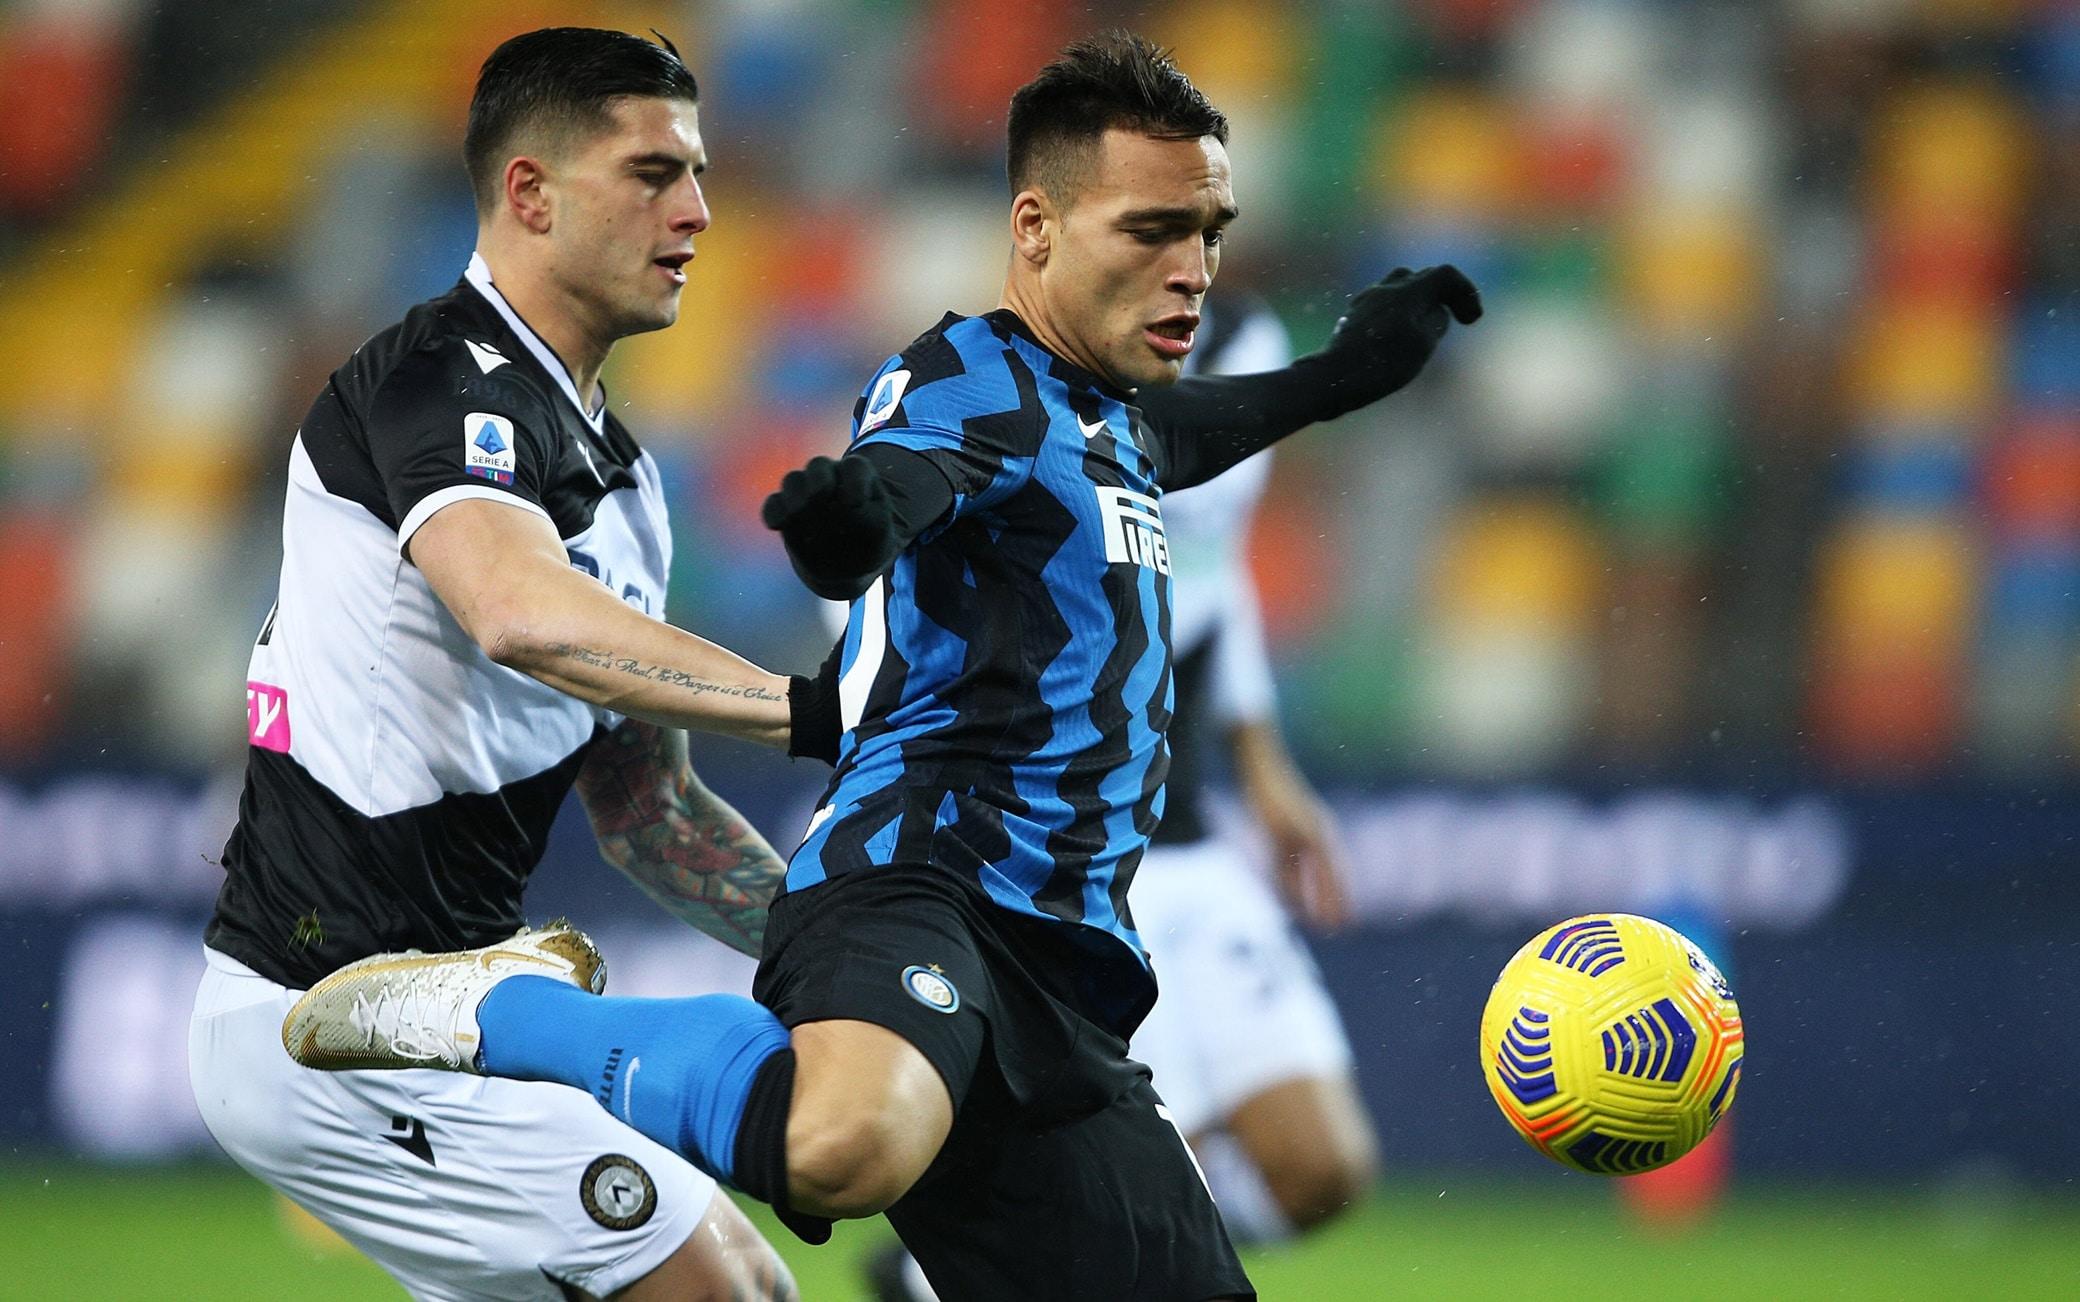 Udinese-Inter 0-0: video e highlights della partita di Serie A